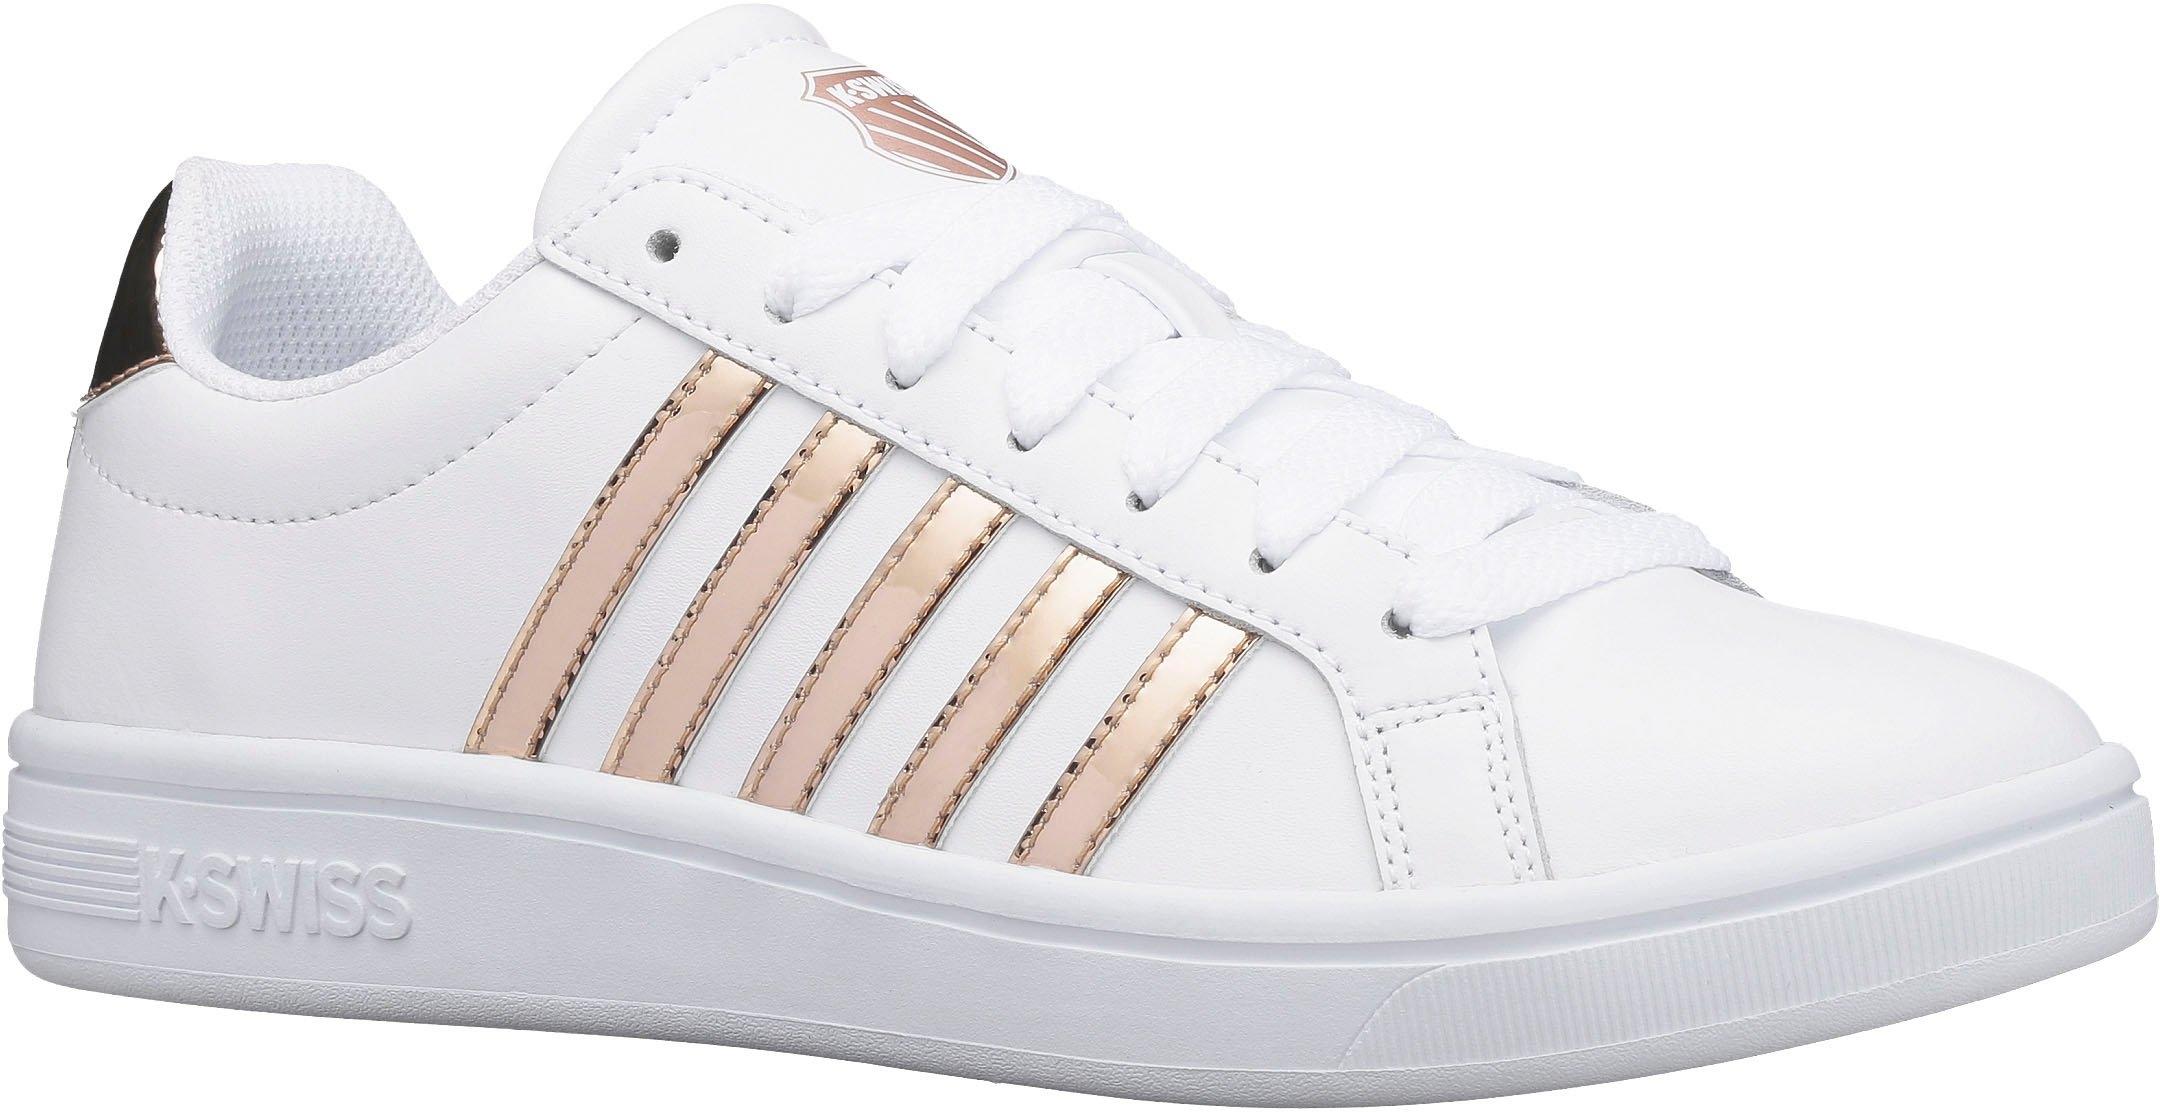 K-Swiss sneakers Court Tiebreak W nu online bestellen